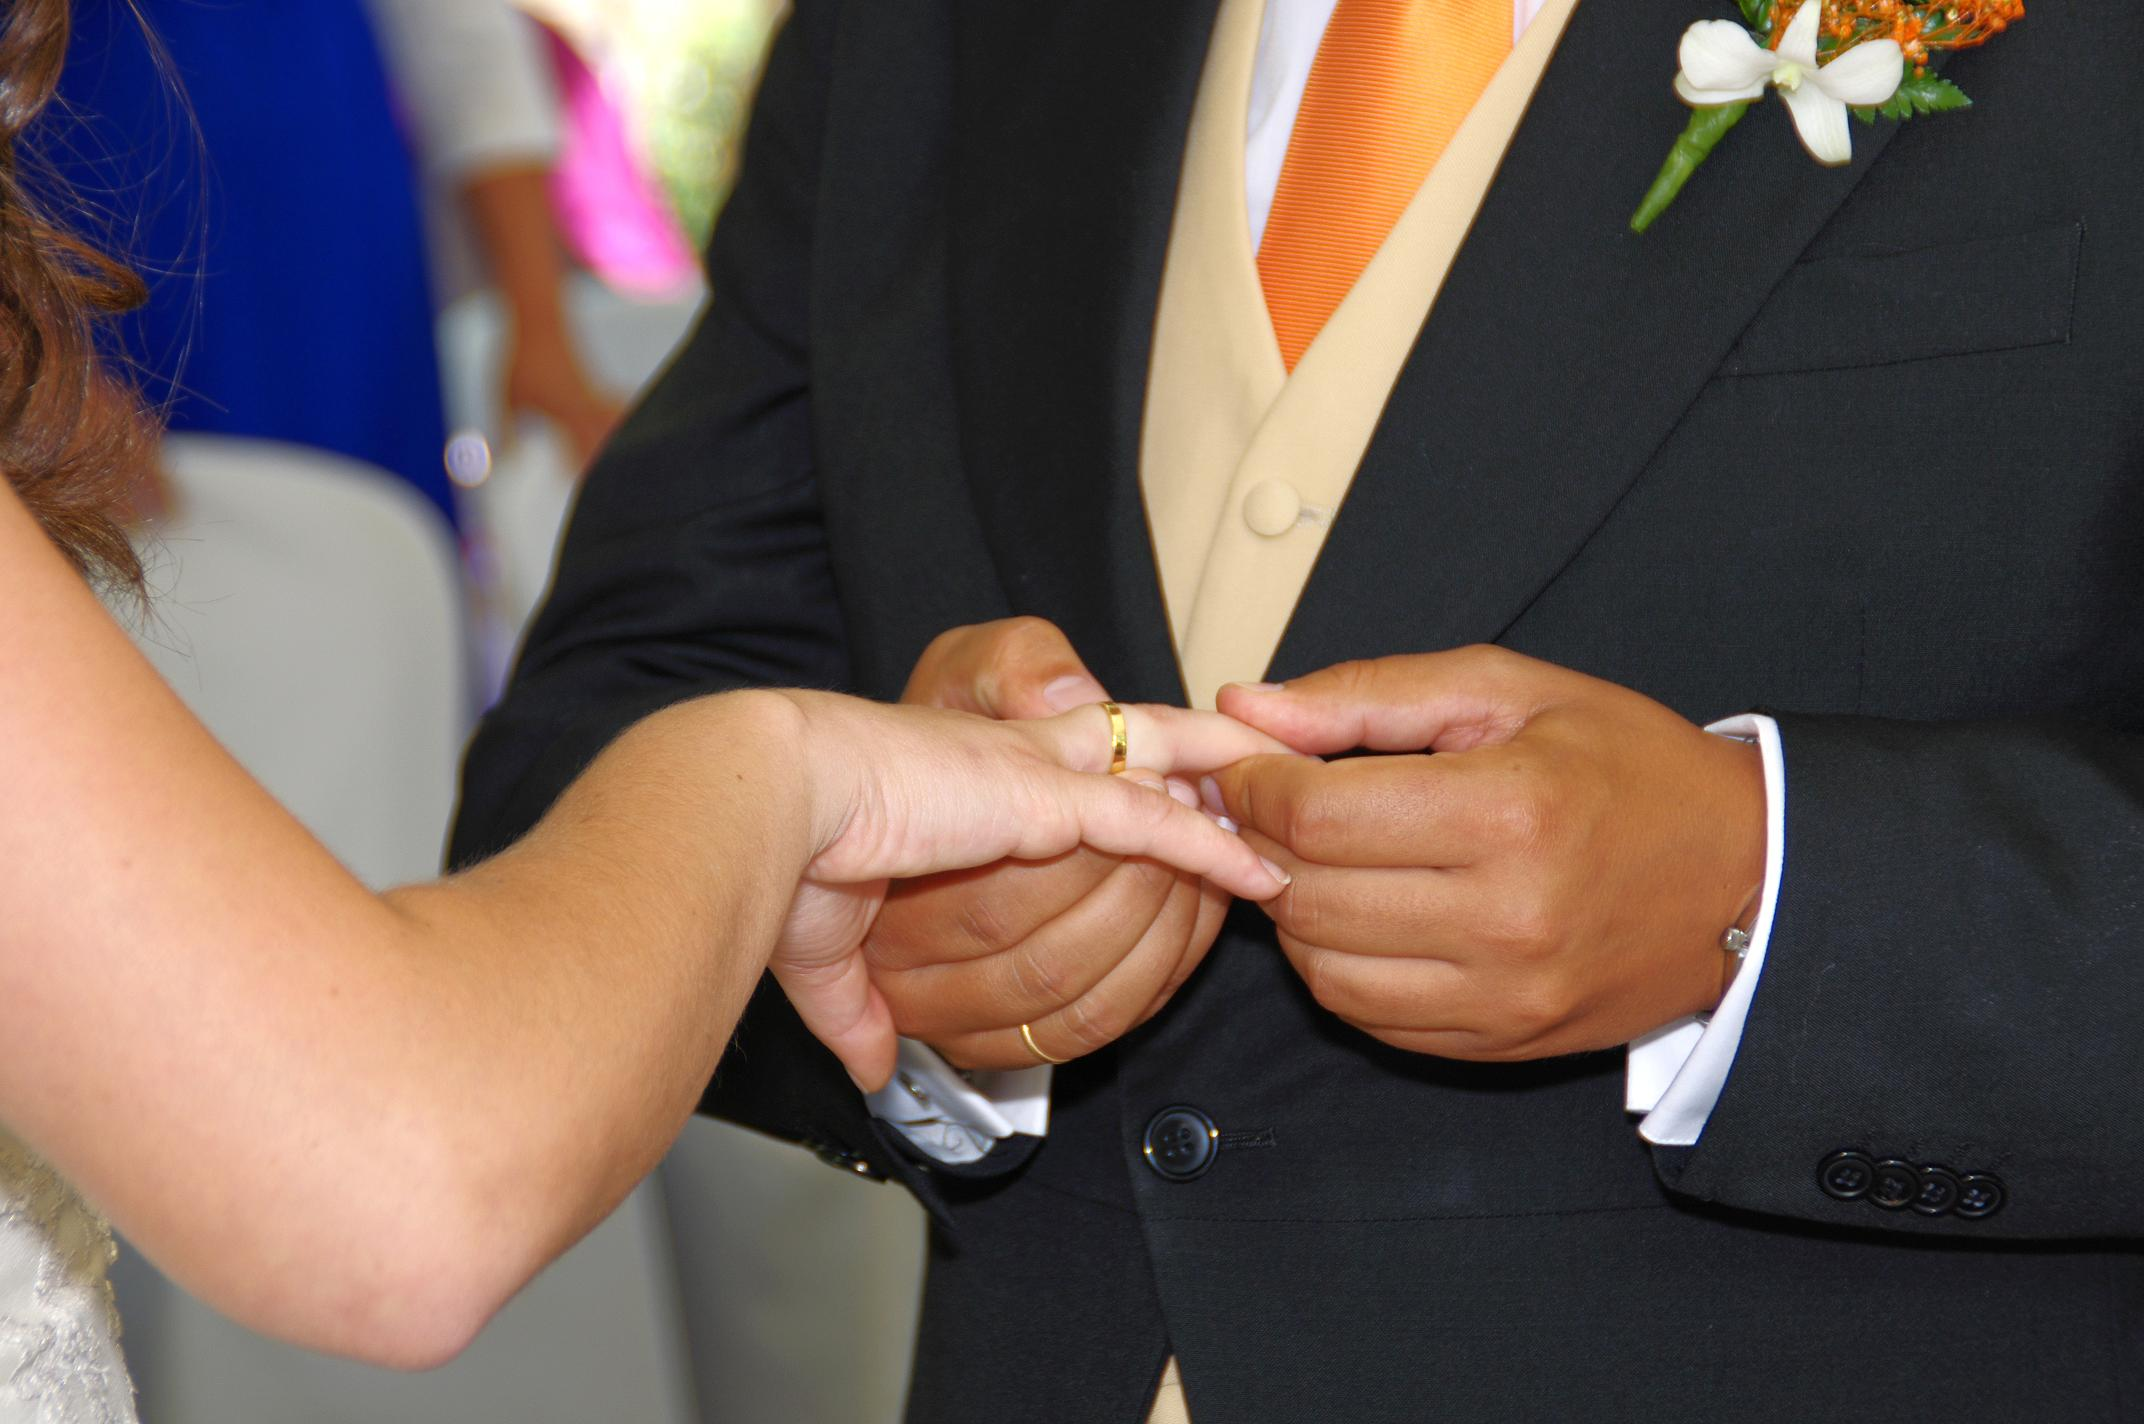 Diez cosas que los Católicos deben Saber sobre el Matrimonio